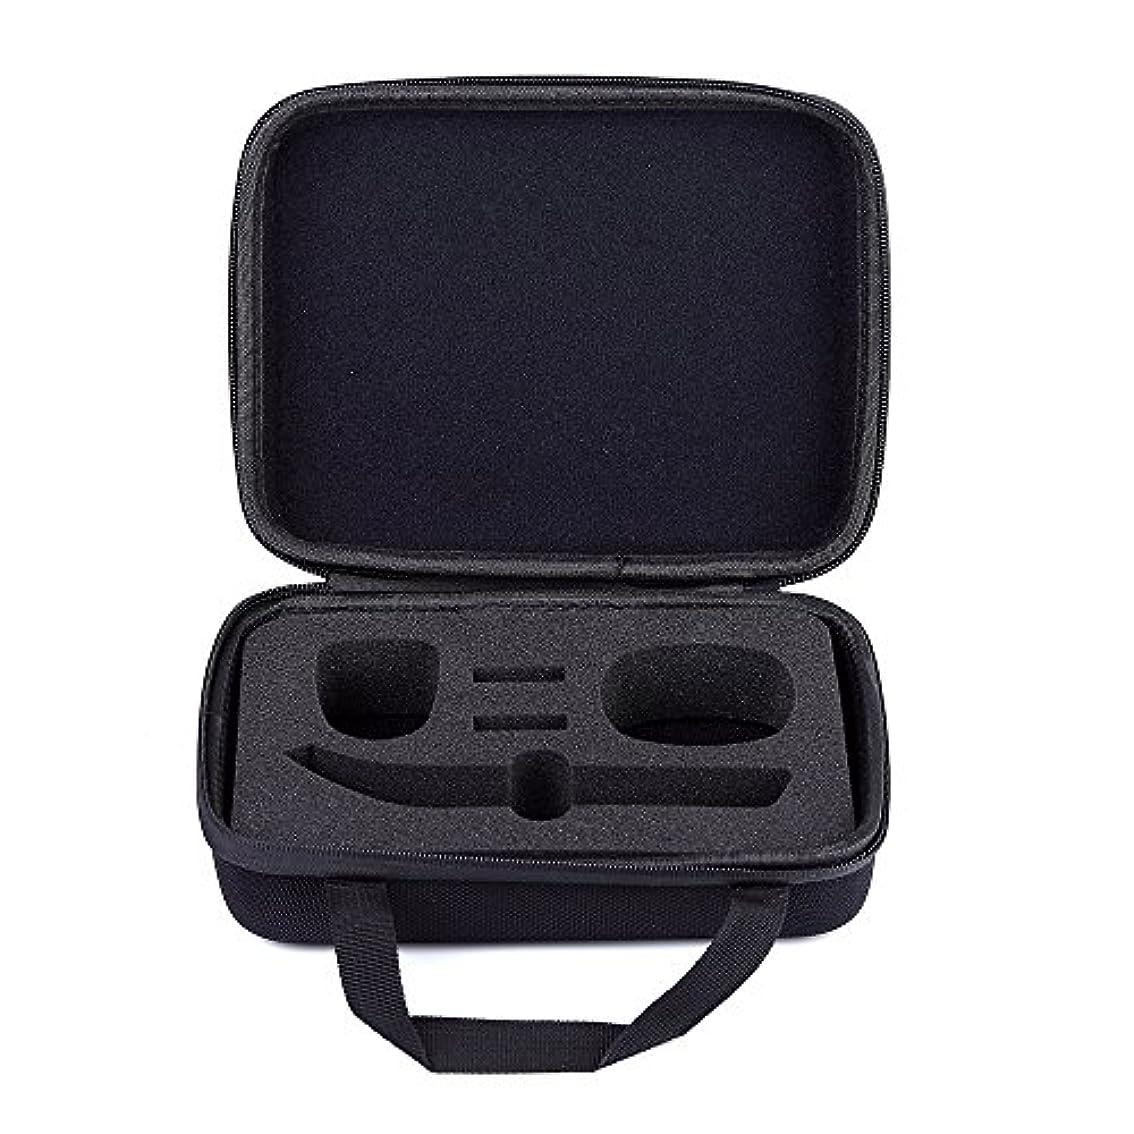 暴露するラベエゴマニアRETYLY トラベルのハードバッグ、携帯用ケース、Norelco Oneblade Pro用、転倒防止、防水、実用的なPhilipsシェーバー用の収納ボックス